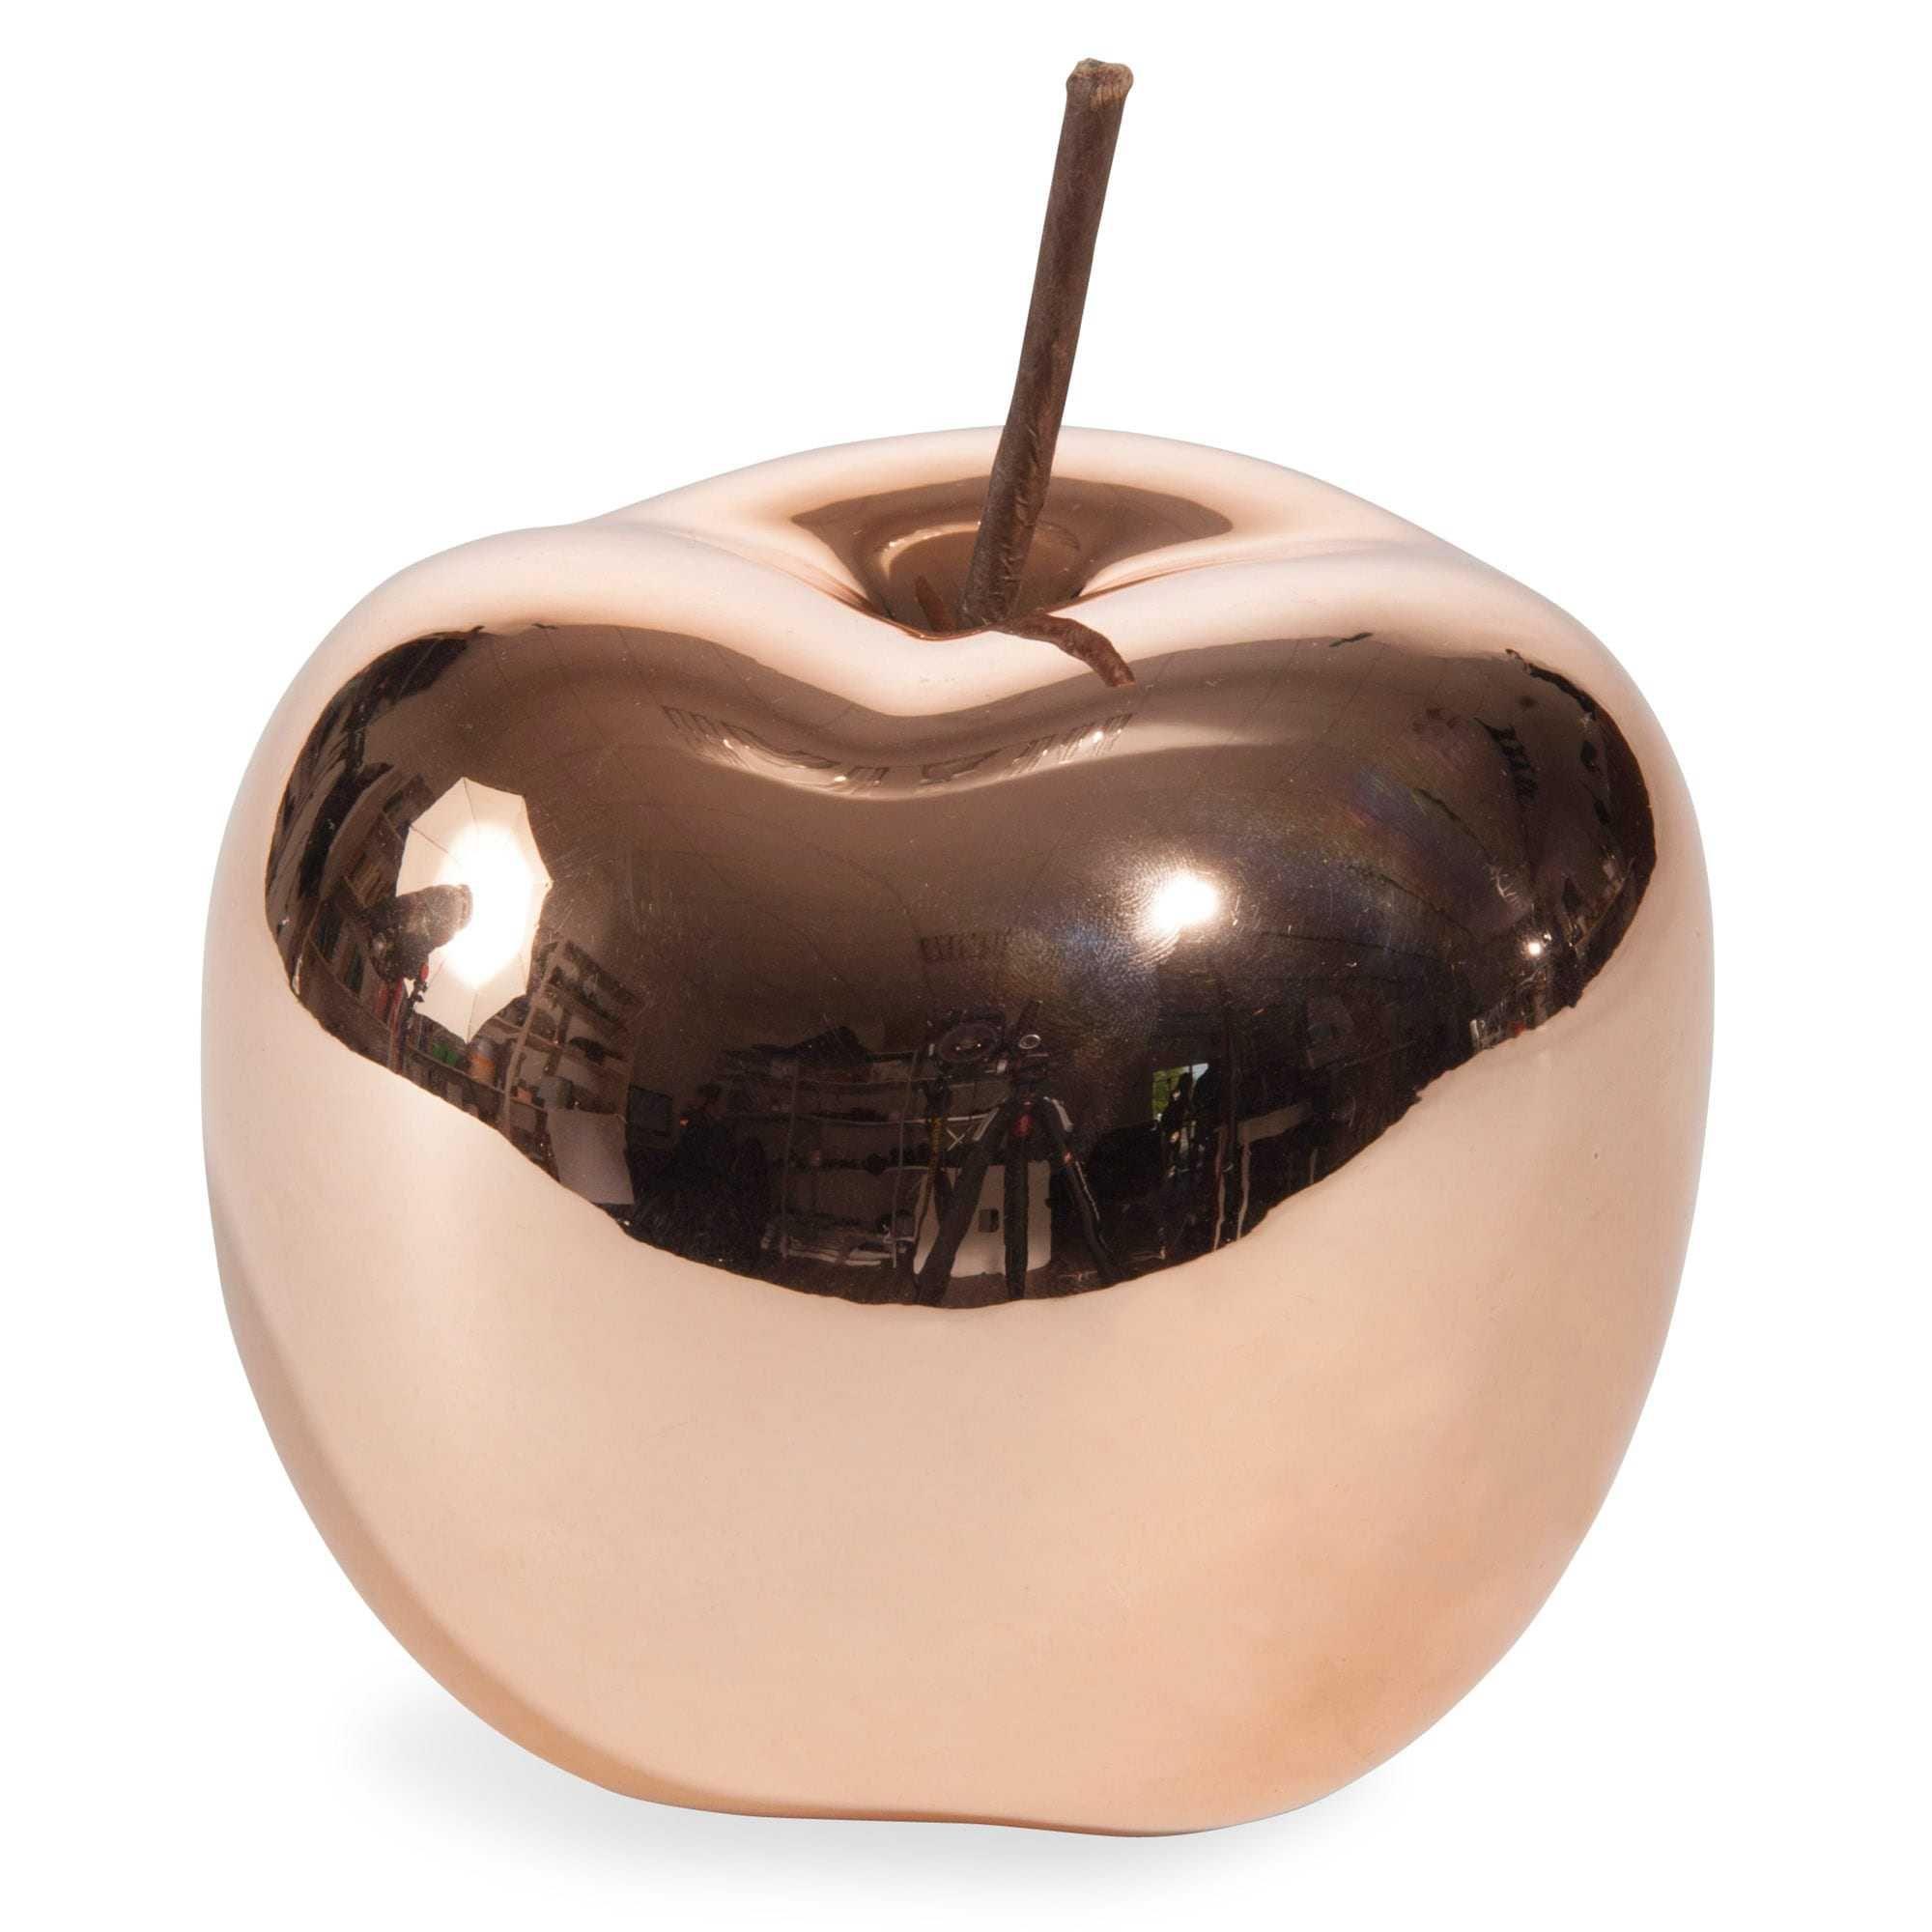 statuette pomme en cramique h 12 cm umea copper sur maisons du monde piochez parmi nos meubles et objets dco et faites le plein dinspiration - Pomme Ceramique Pour Decoration